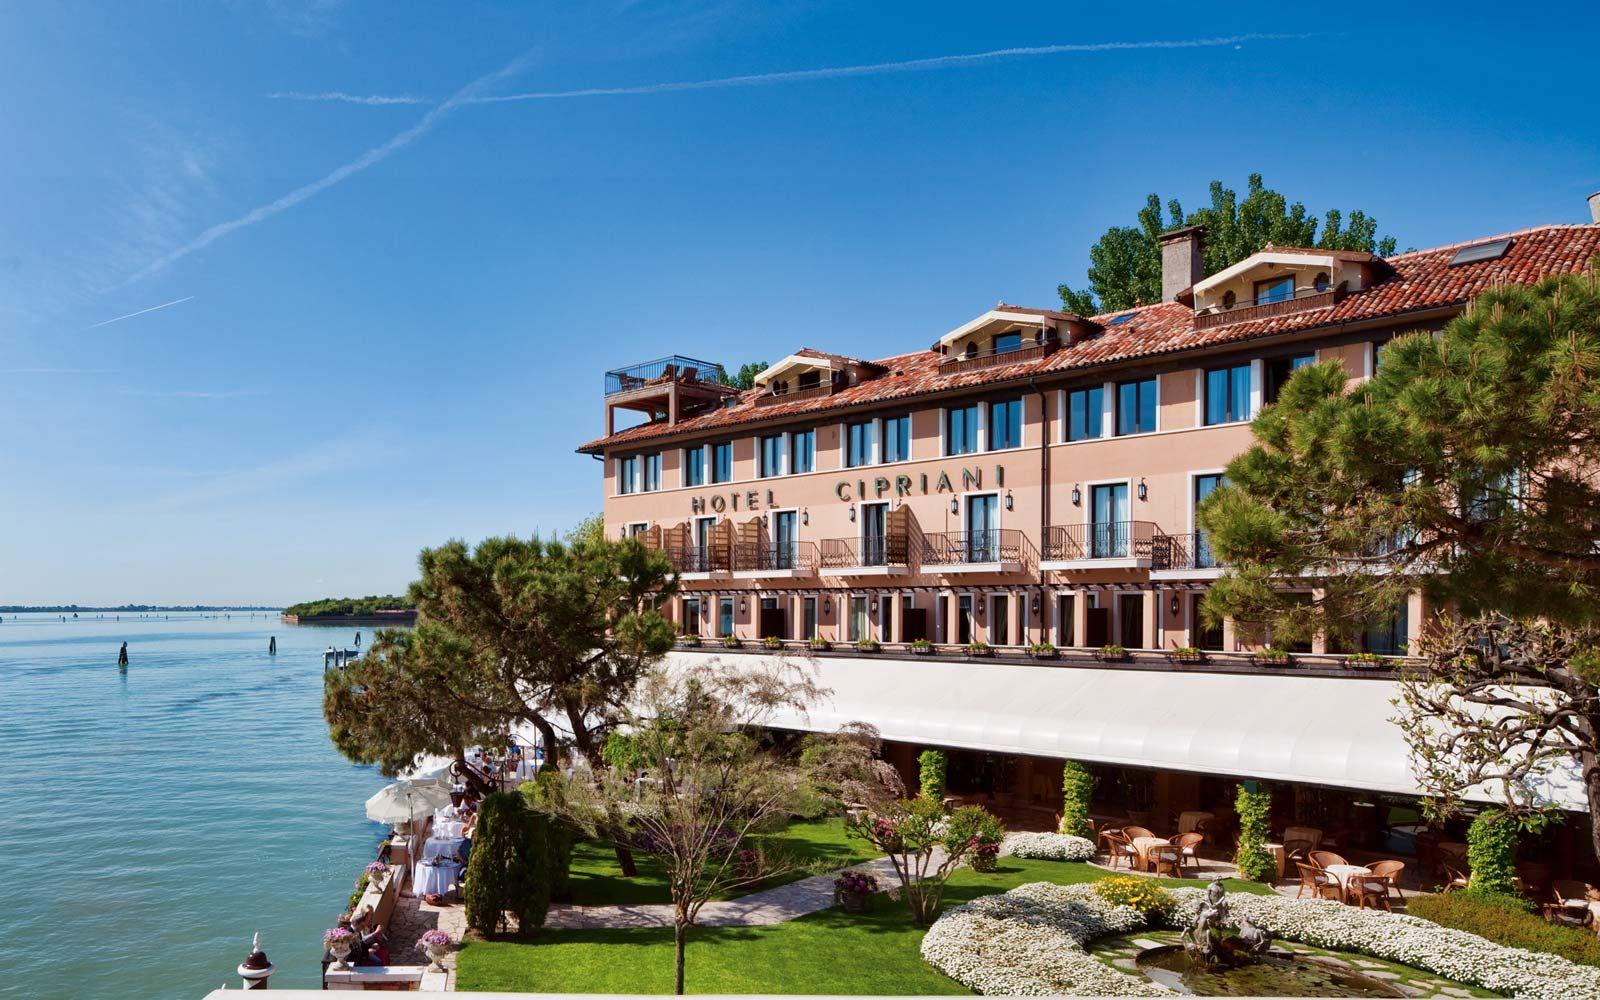 Hotel Cipriano, Venice